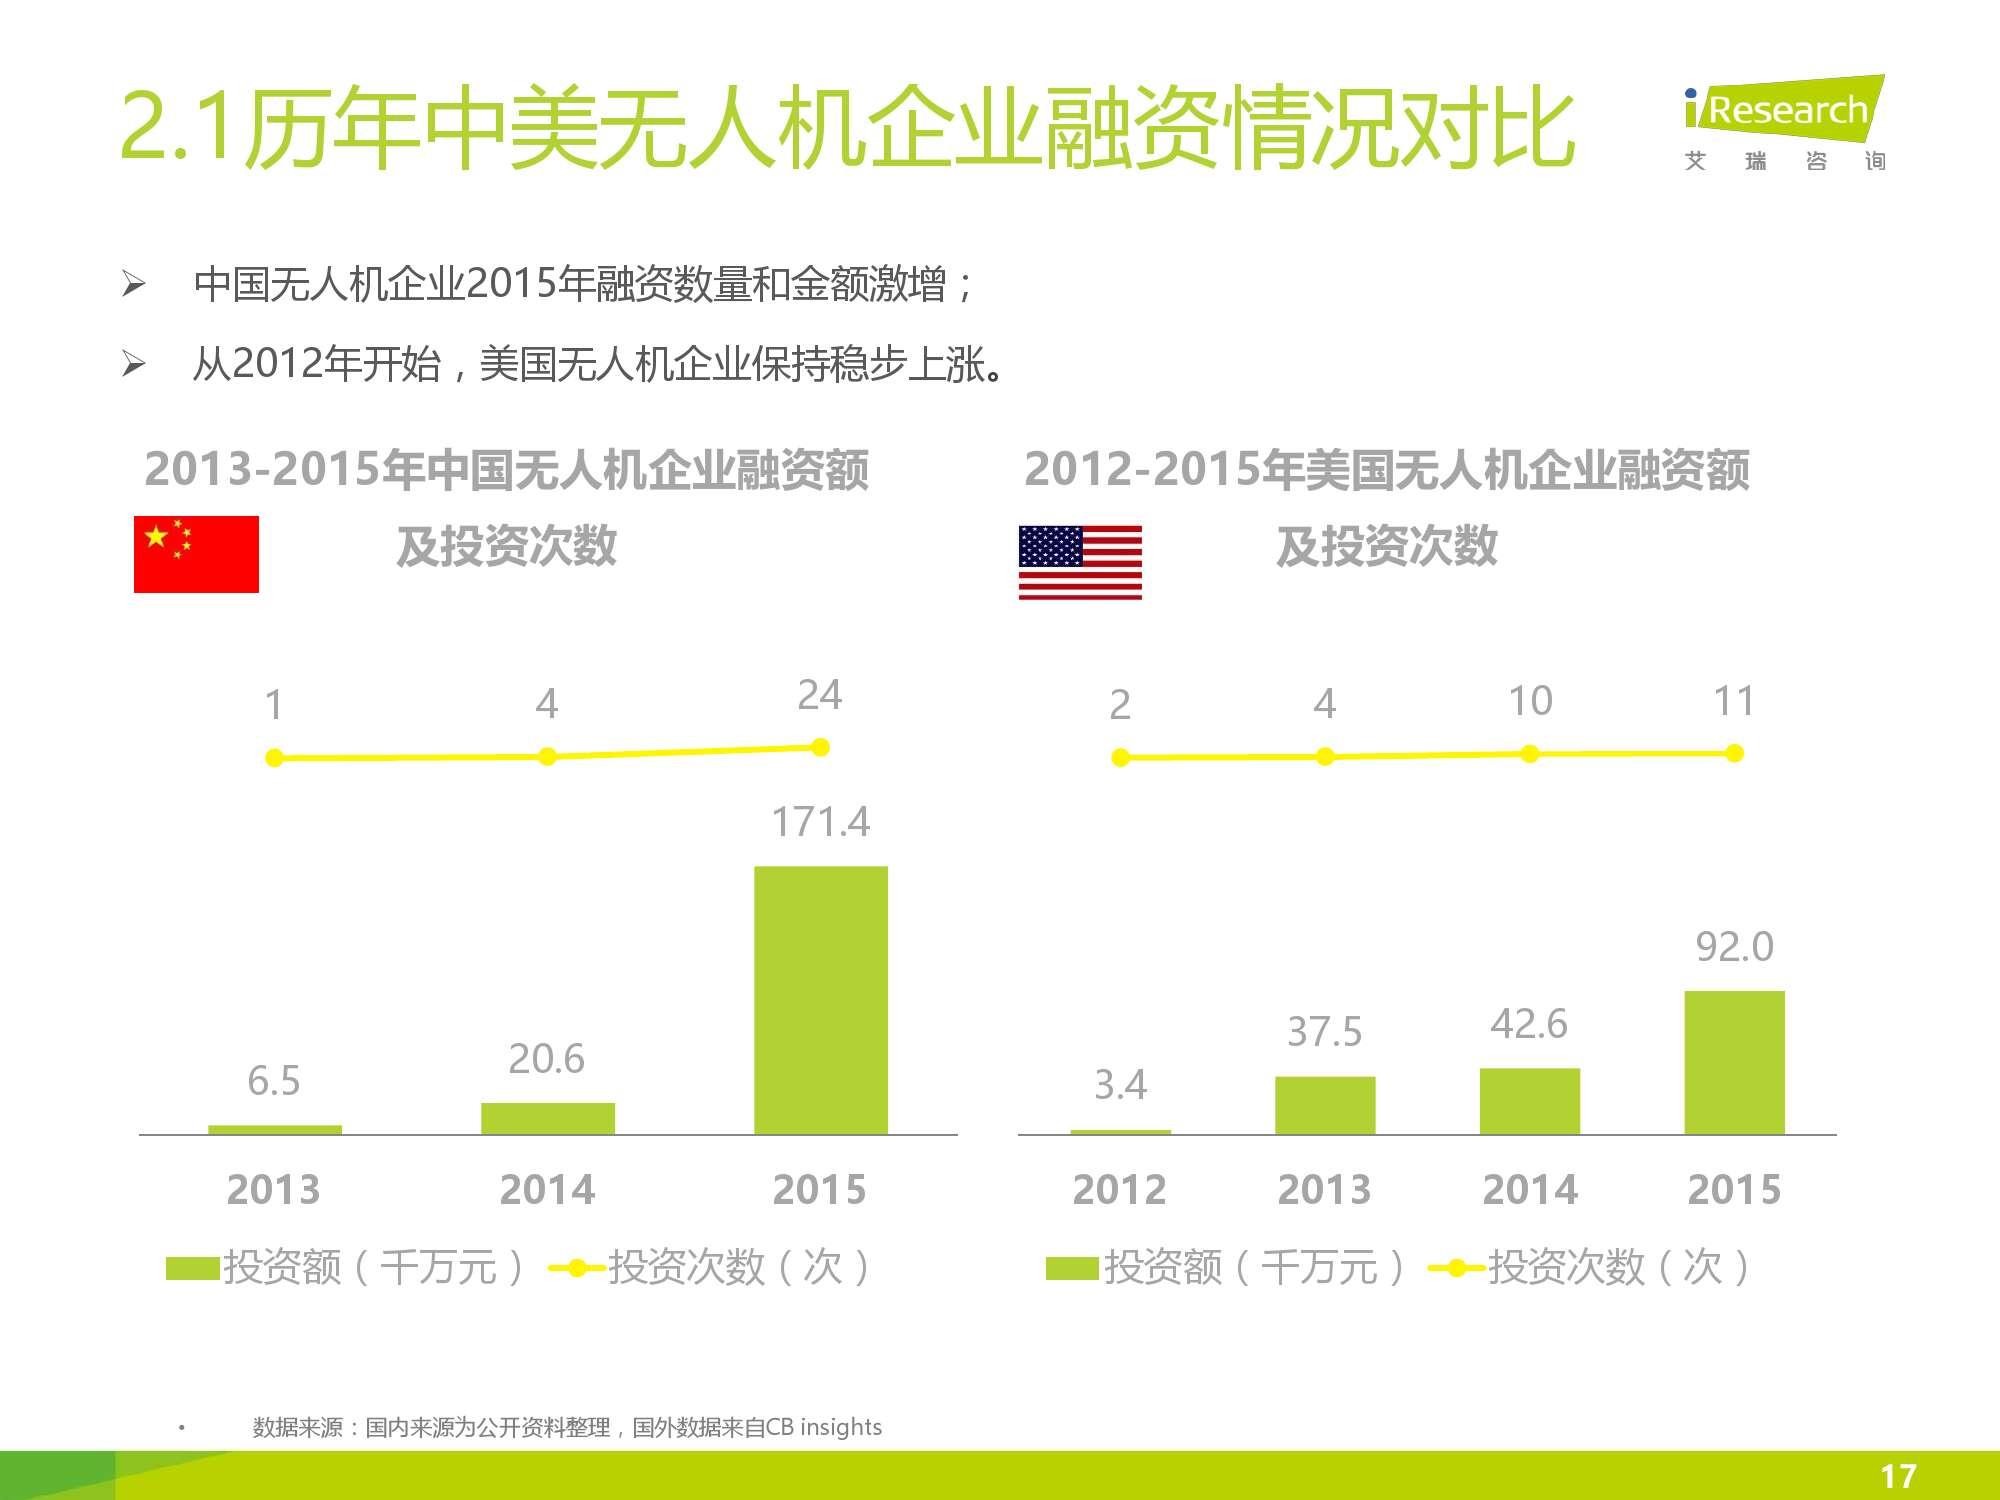 2016年中国无人机行业研究报告简版_000017